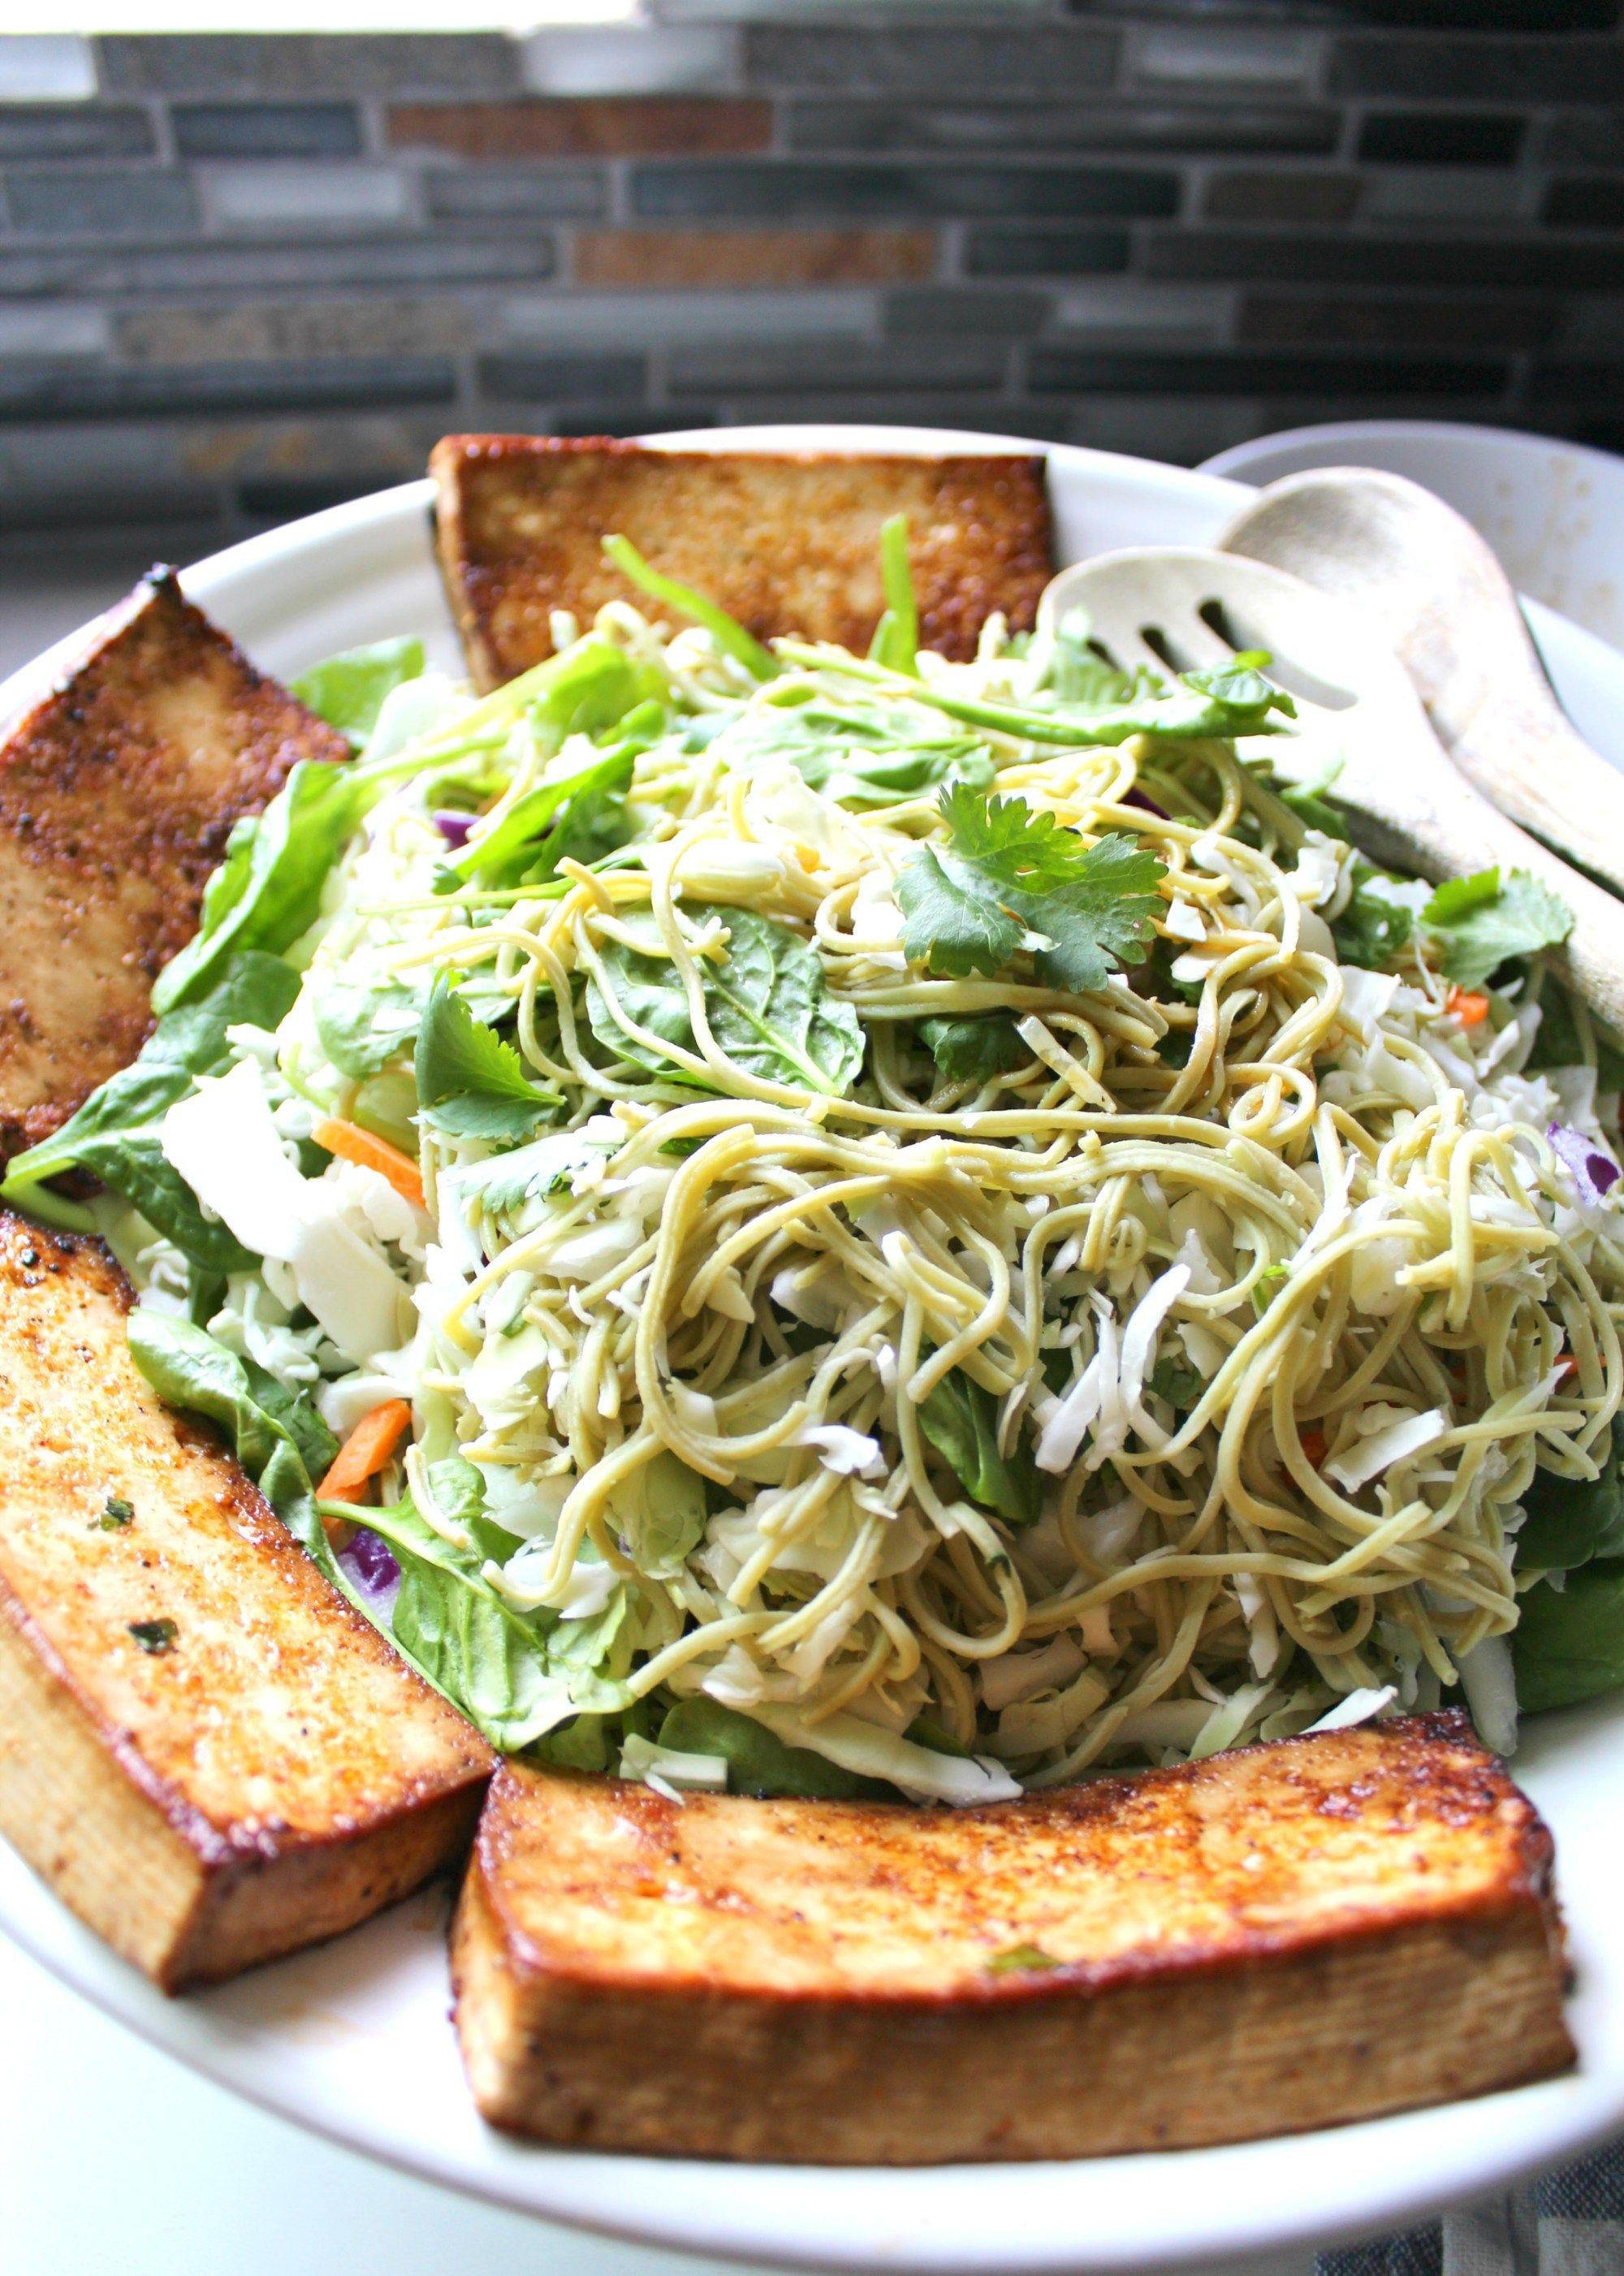 Marinated Tofu Edamame Spaghetti Salad Recipe Edamame